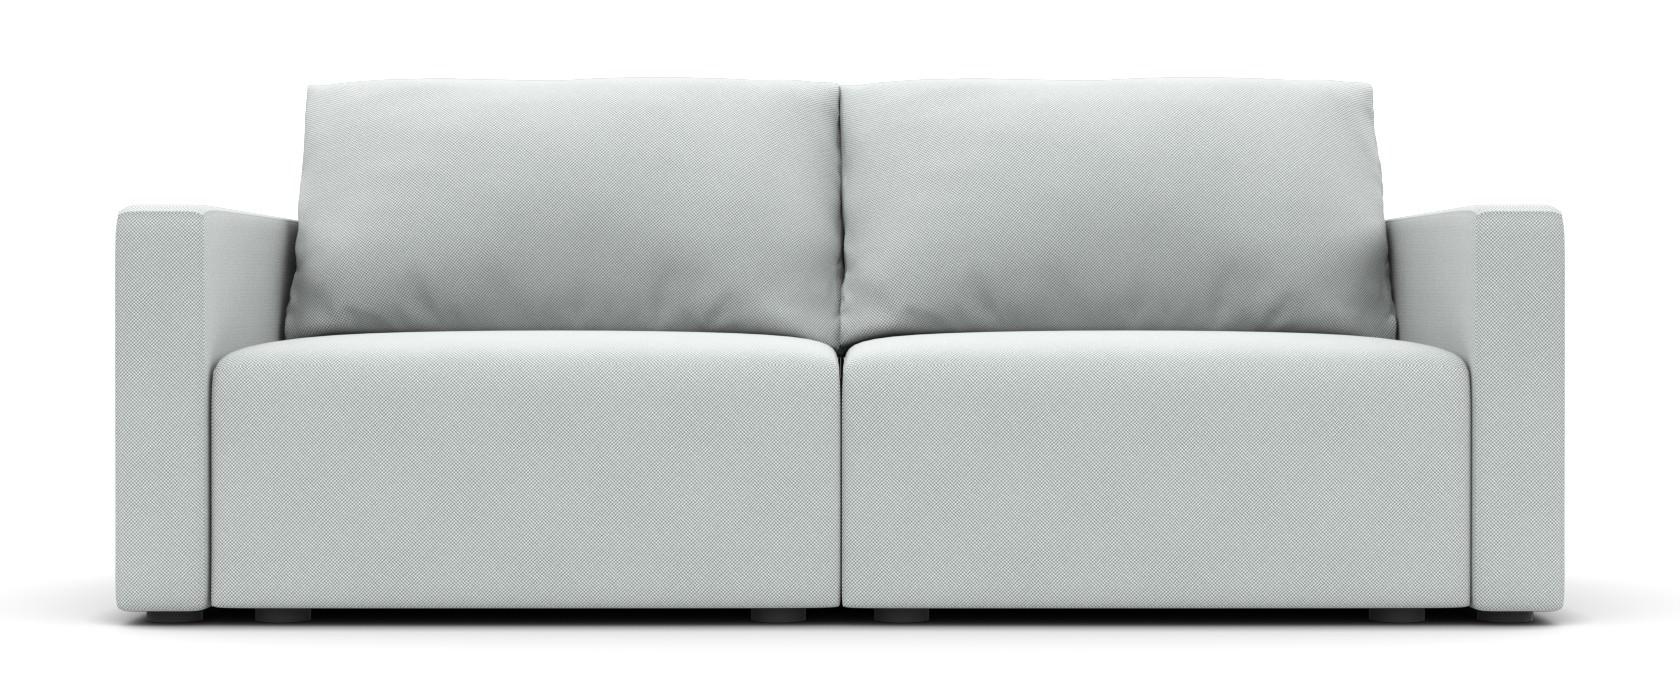 Тримісний диван Greta - Pufetto